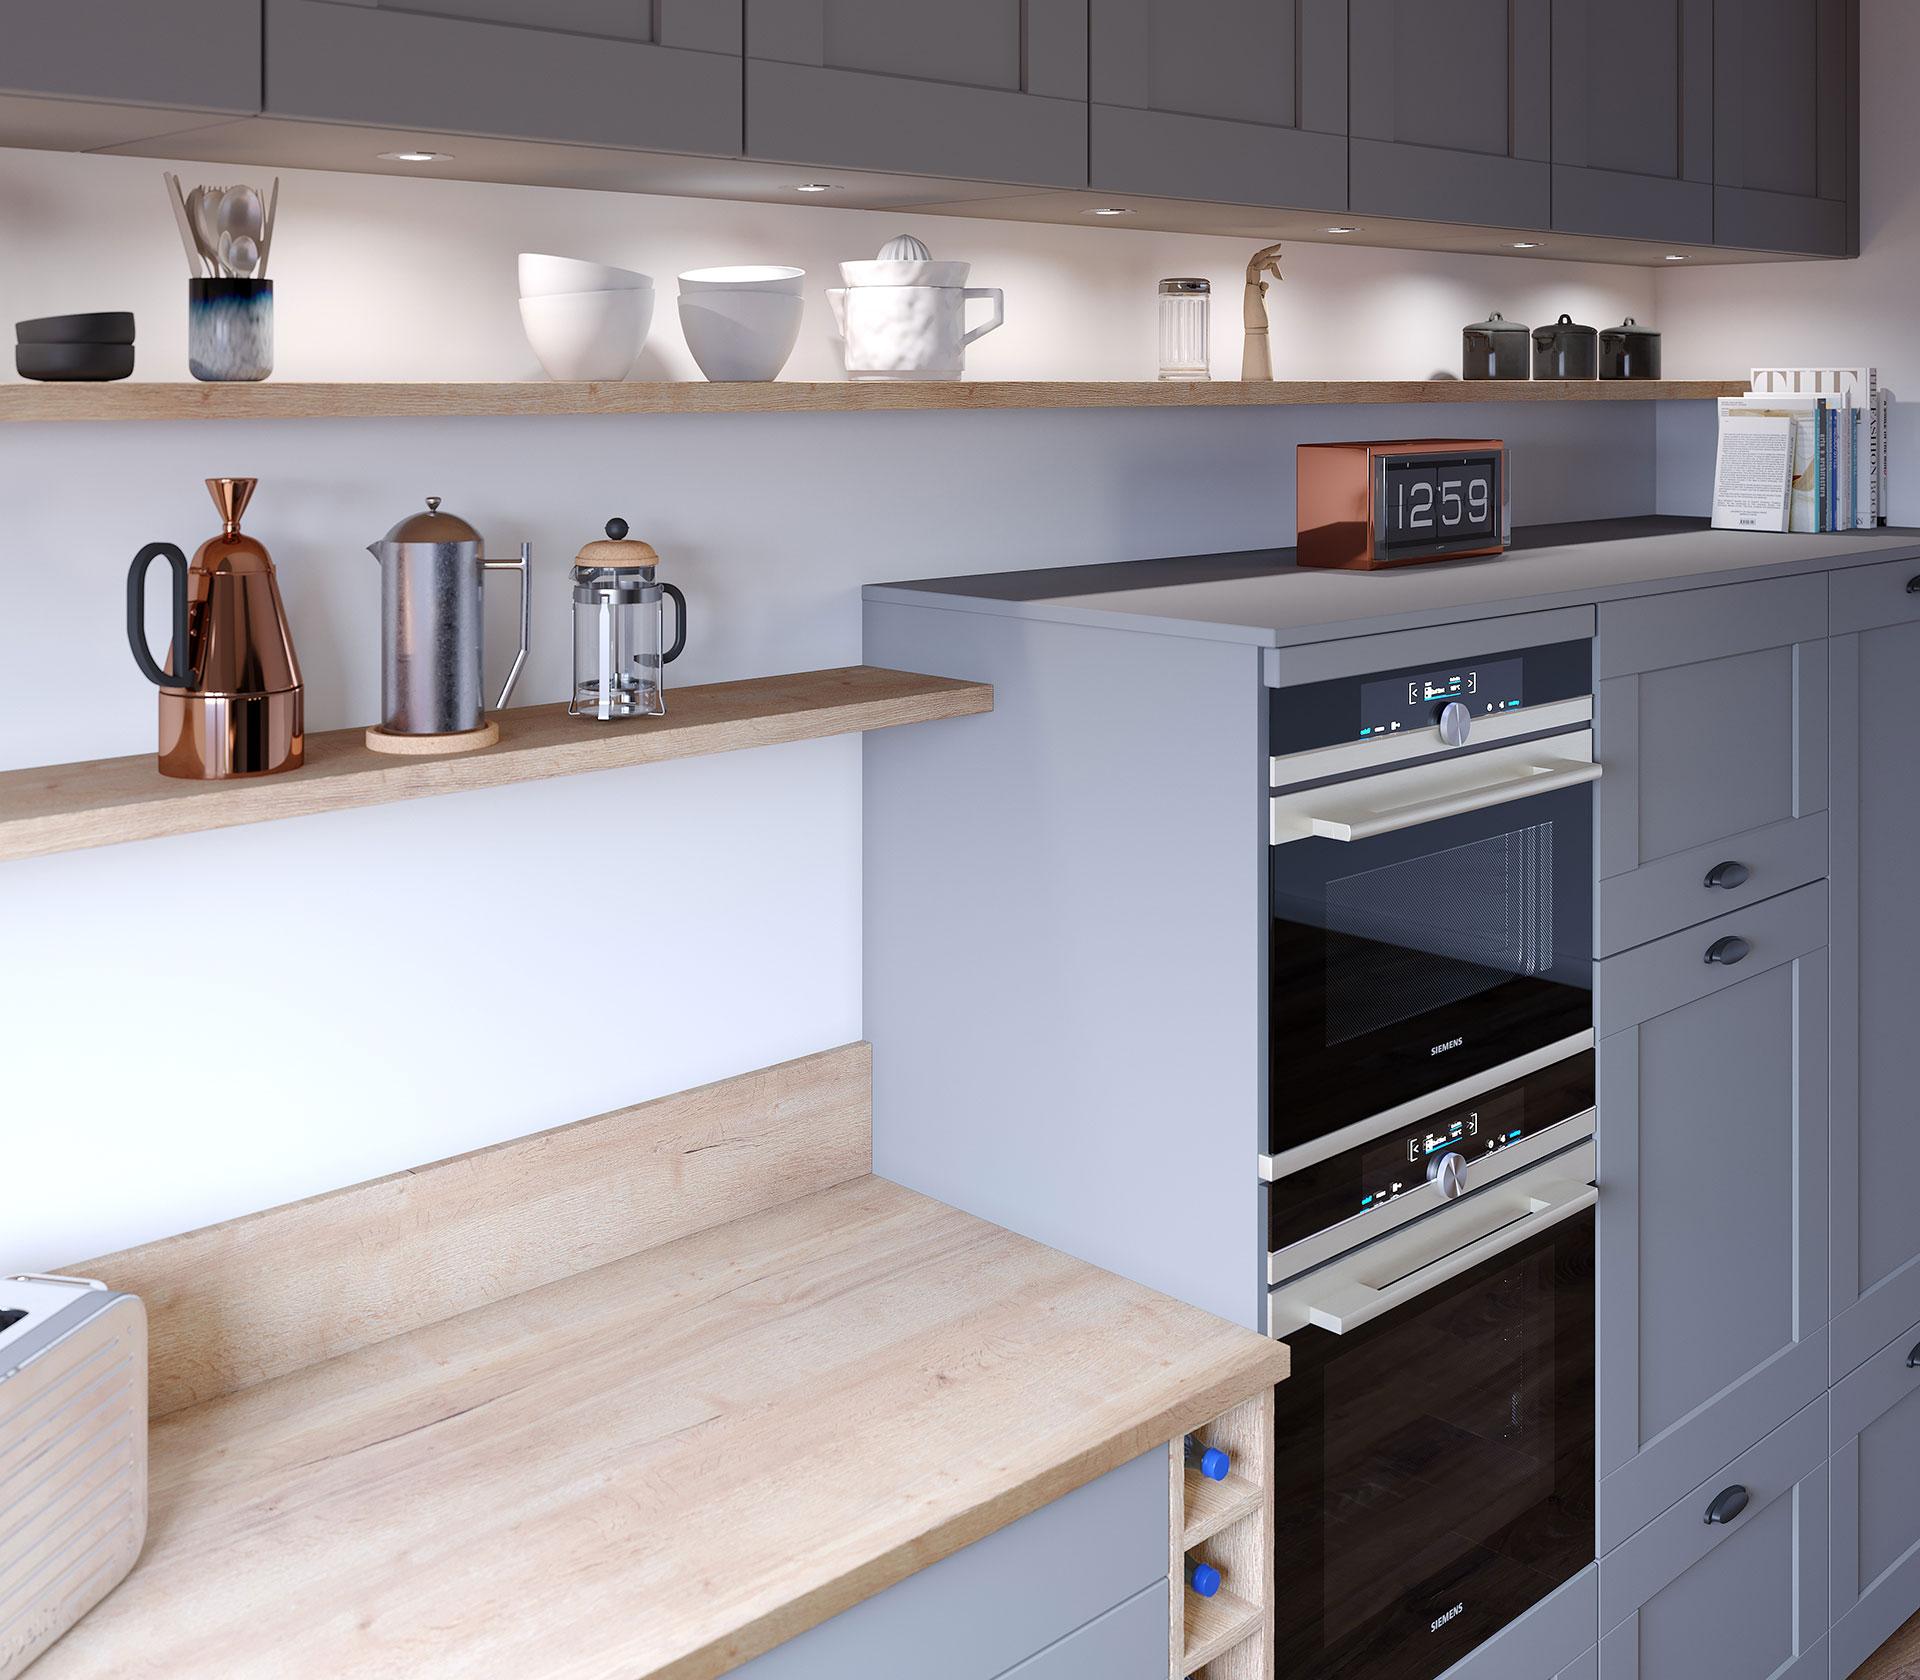 Création de photo réaliste 3D d'étagère de cuisine moderne pour un projet publicitaire